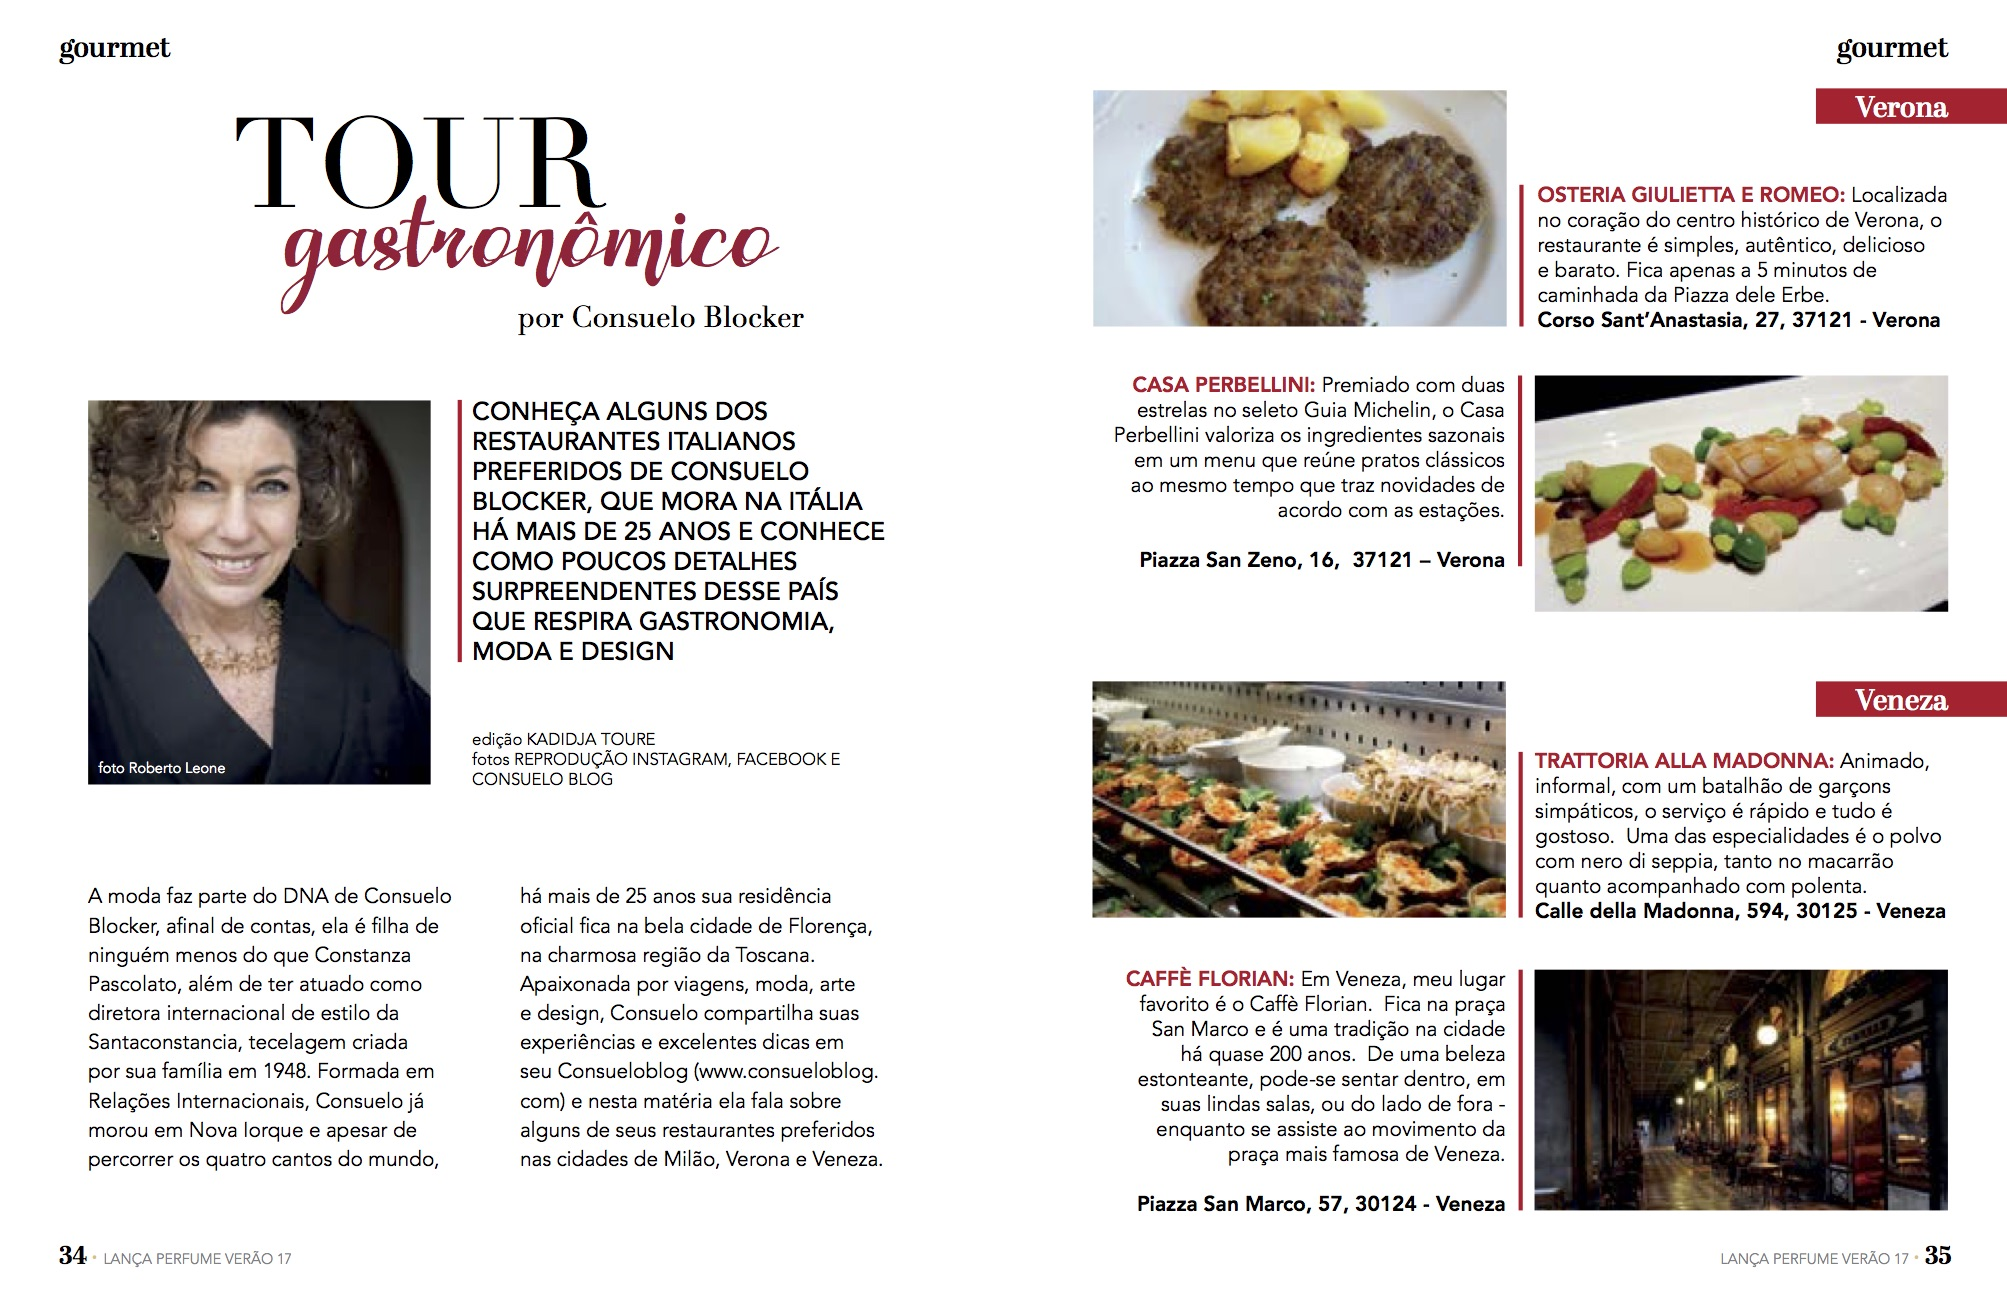 Alguns dos meus restaurantes favoritos em Milão, Verona e Veneza